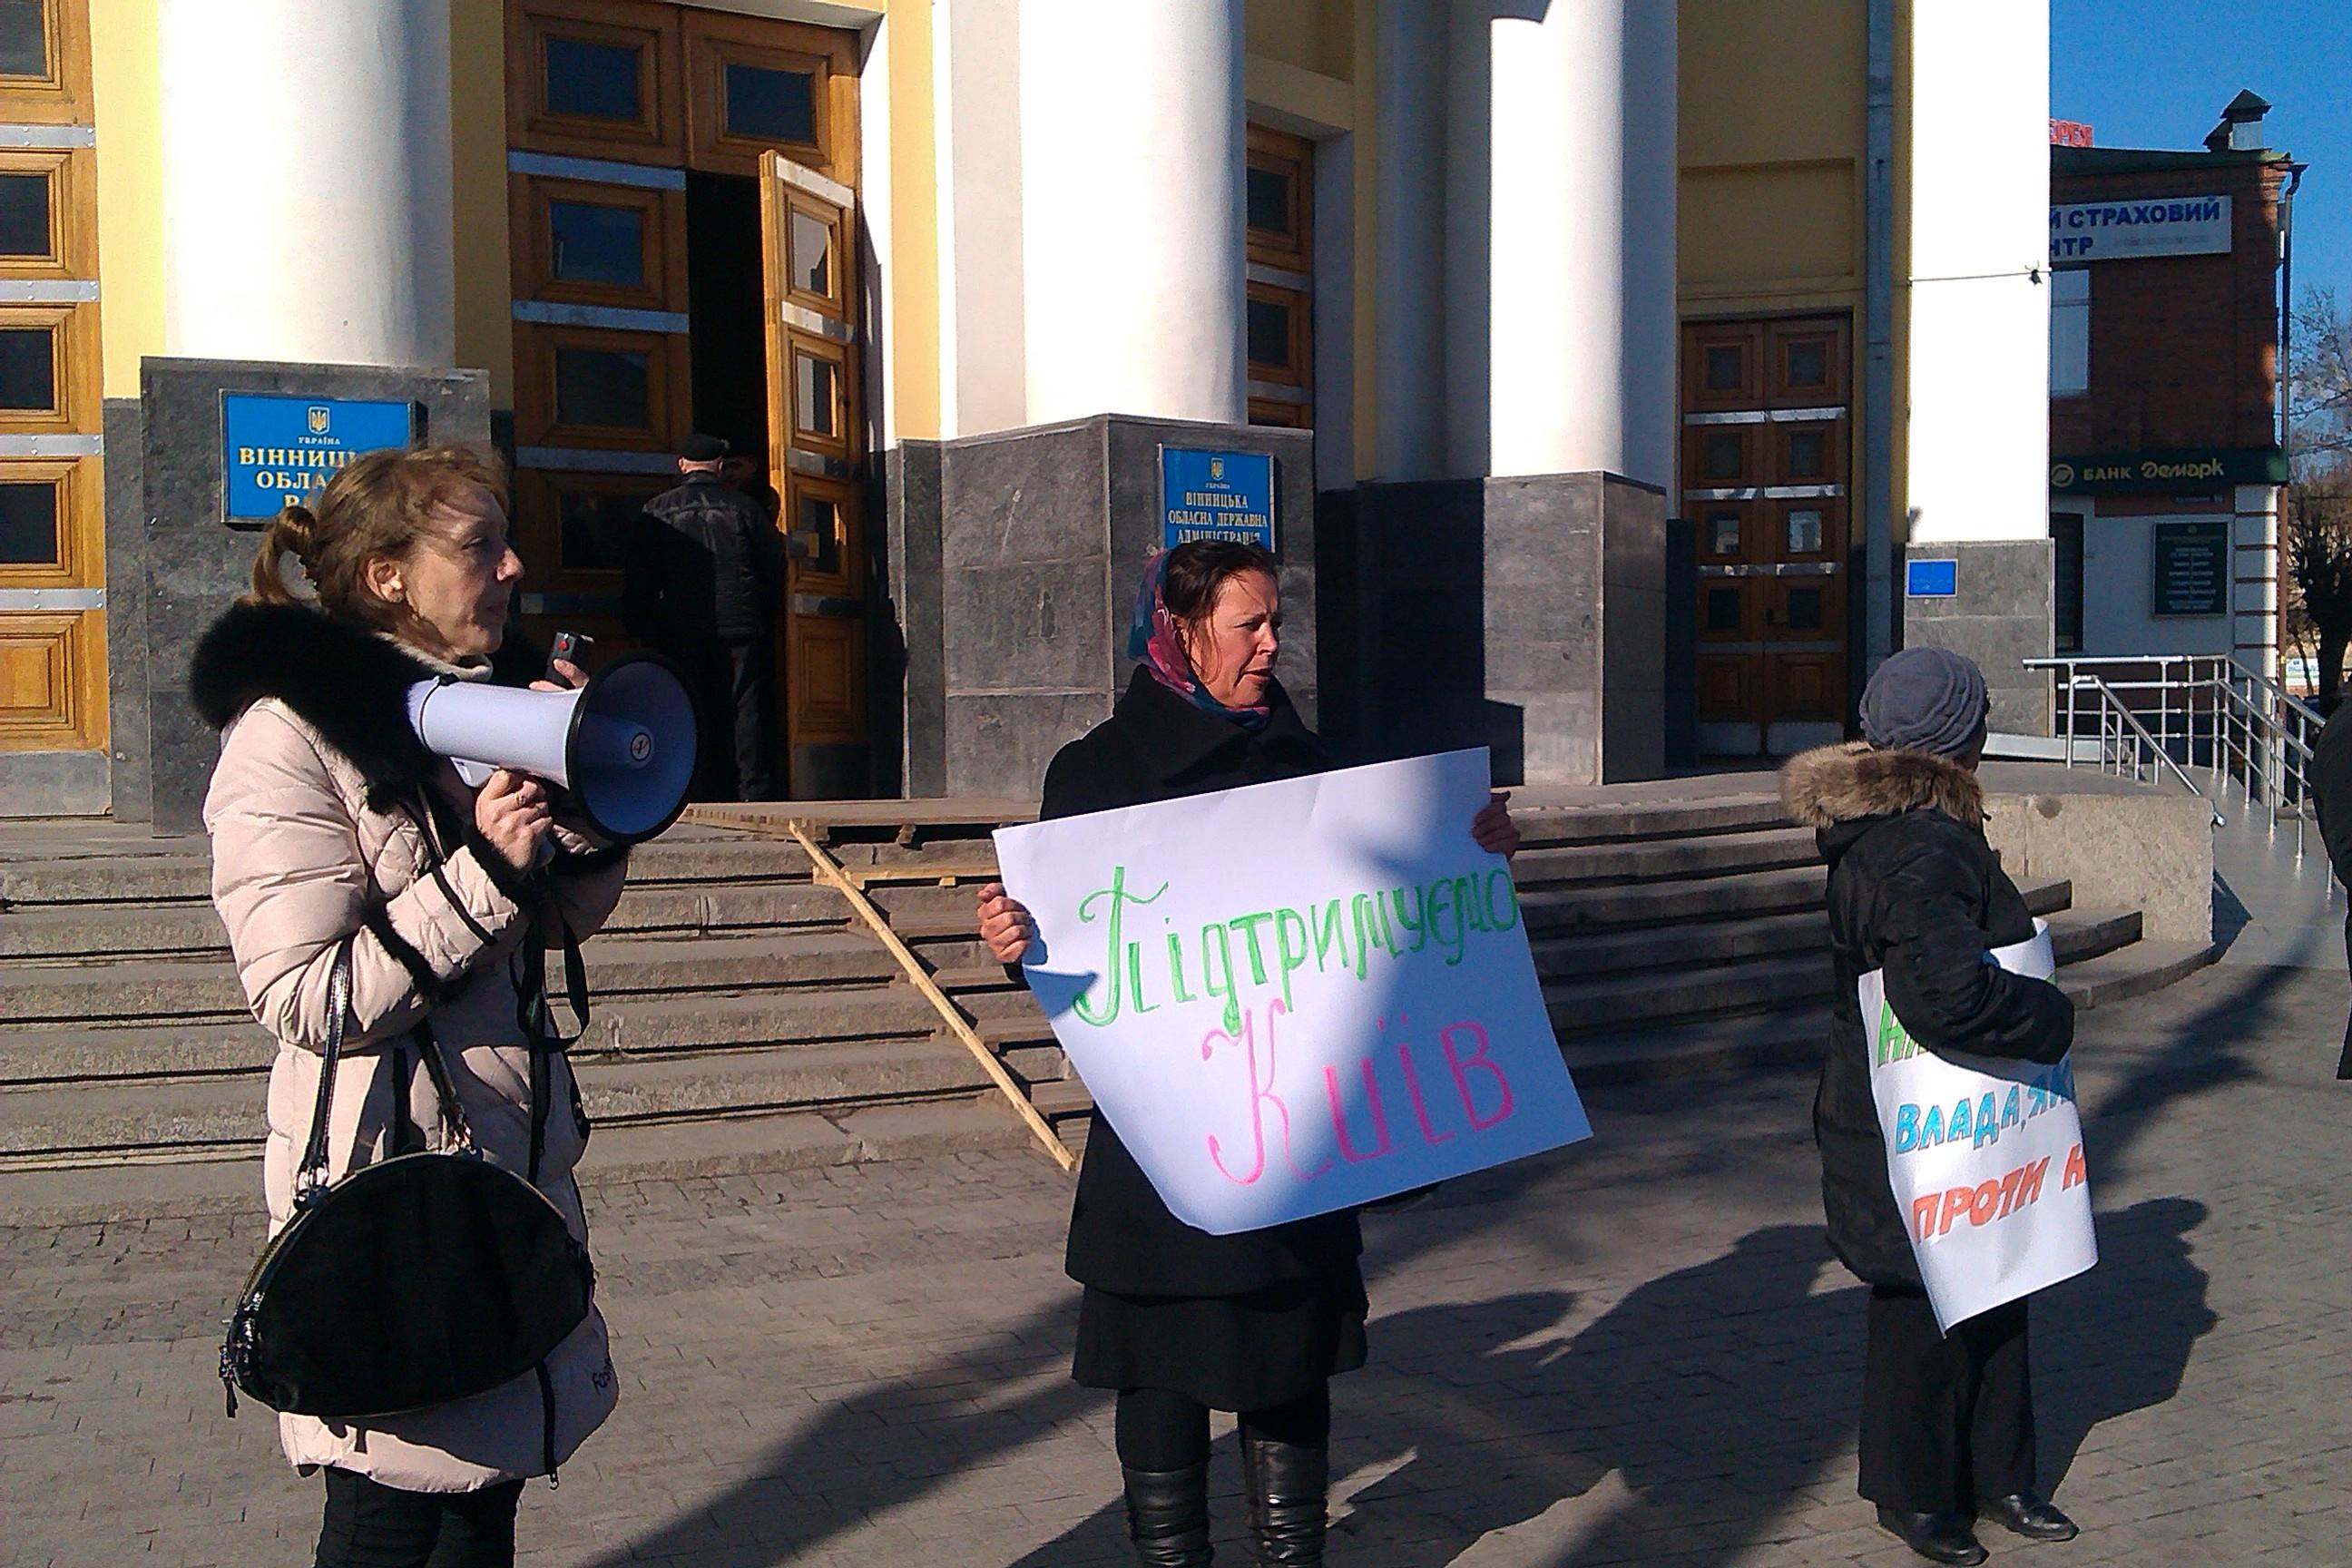 Вінничани символічно підтримали активістів у Києві (Фото+Відео)